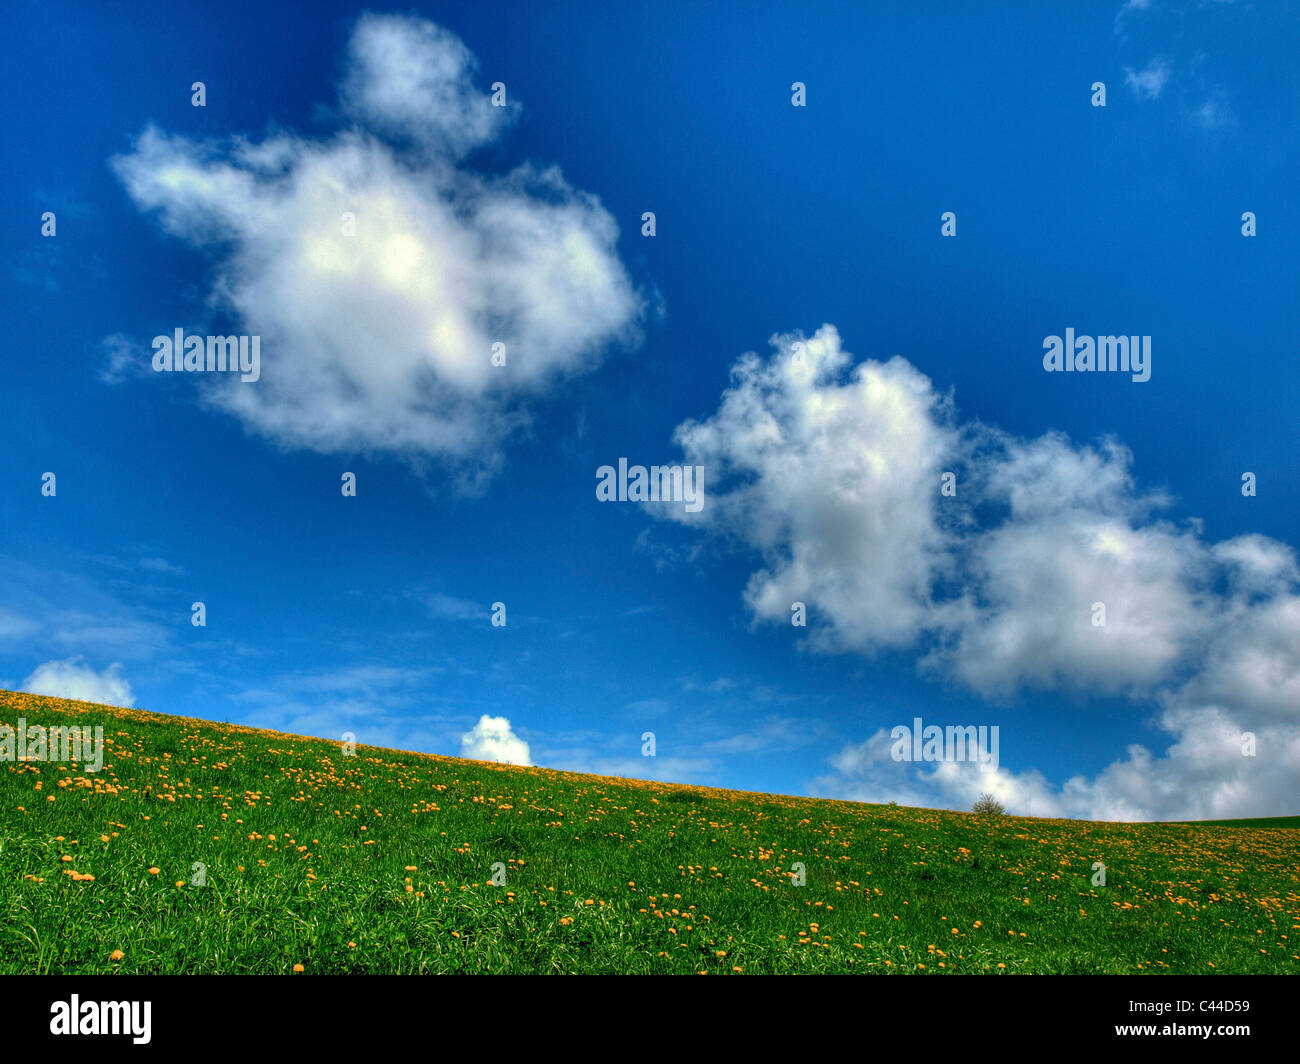 Escenografía, diente de león, la naturaleza, el formato horizontal, el día, la pradera, las nubes, Imagen De Stock